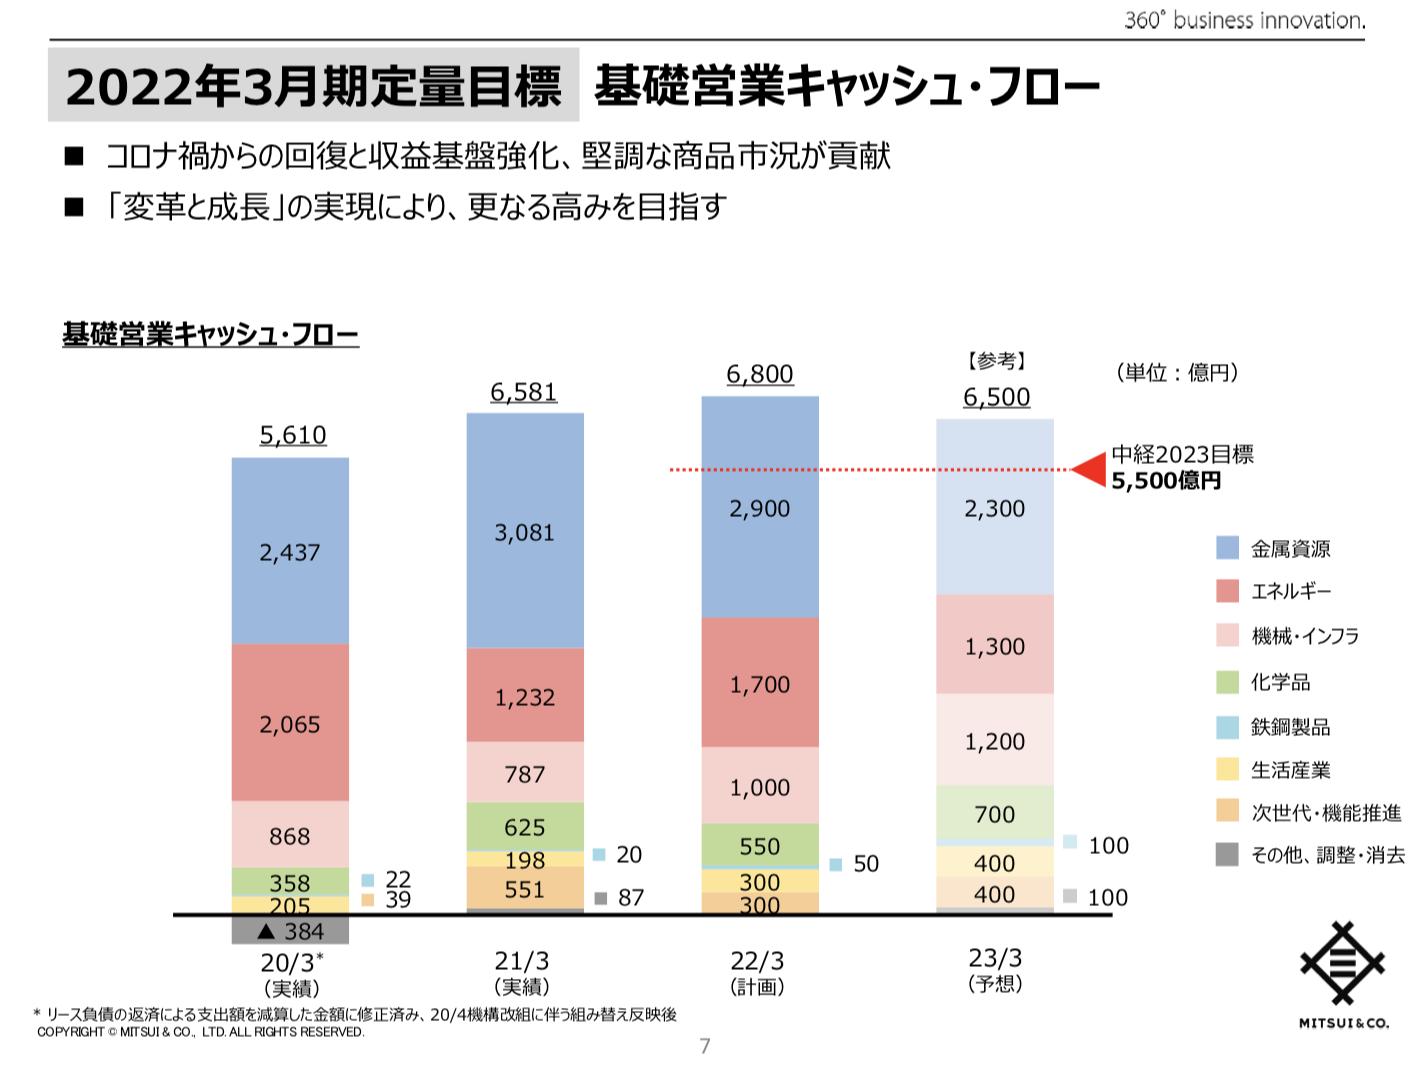 三井物産 中期経営計画2023の進捗 及び 2022年3月期事業計画 ~変革と成長~ 新たなステージに向けたコミットメント